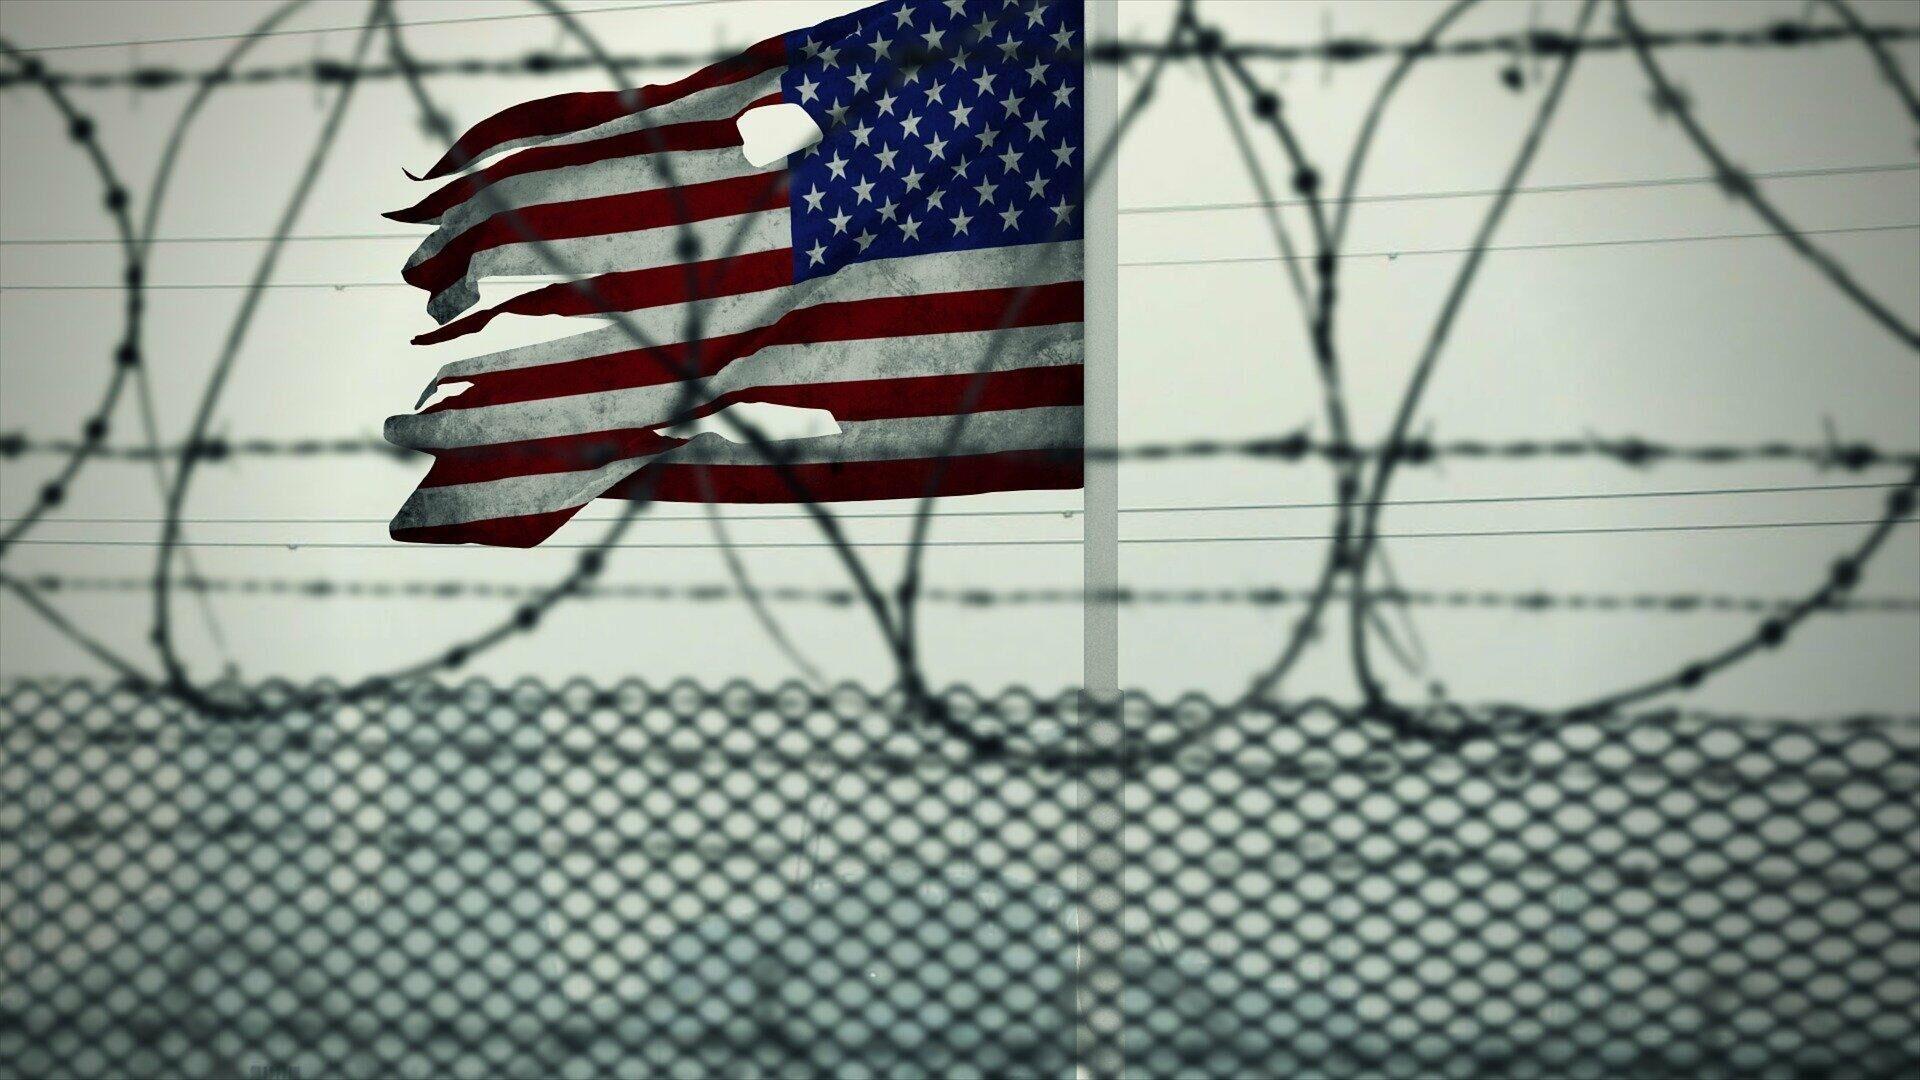 US-Gefängnis (Symbolbild) - SNA, 1920, 03.07.2021